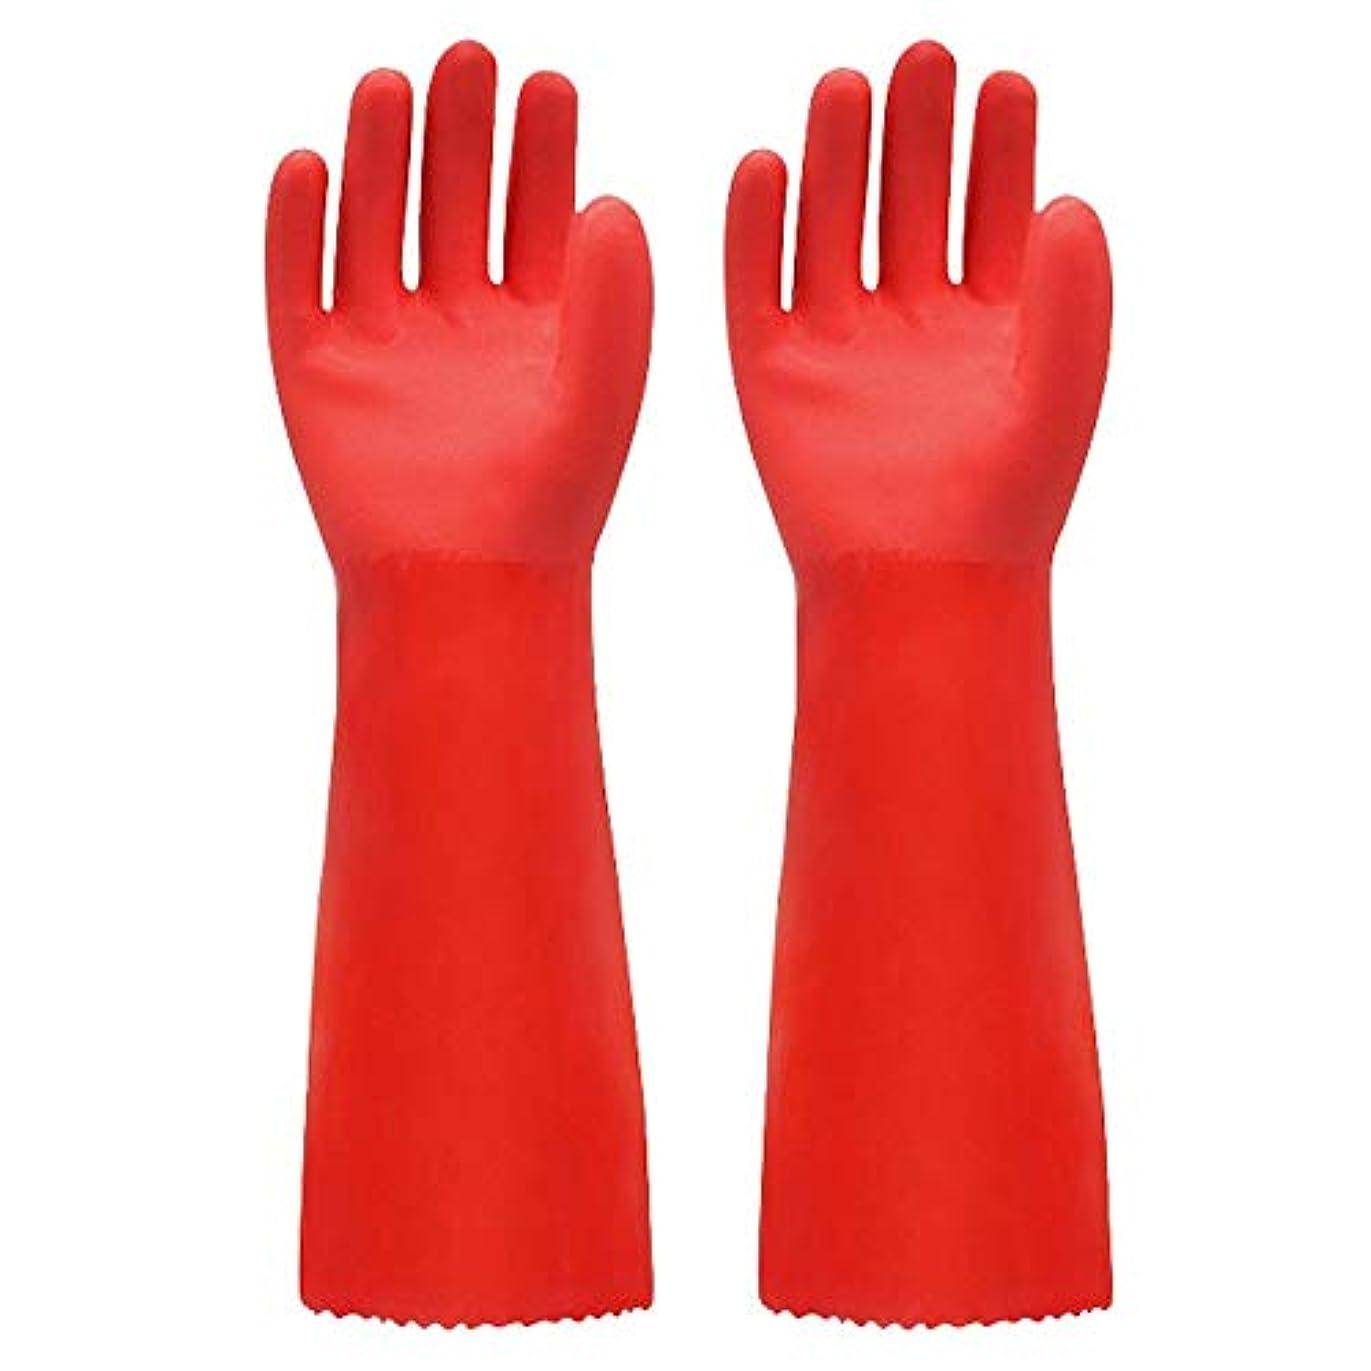 ドラマアームストロング継続中ニトリルゴム手袋 ゴム手袋長く暖かいとビロードのゴム製防水と耐久性のある手袋、1ペア 使い捨て手袋 (Color : RED, Size : L)